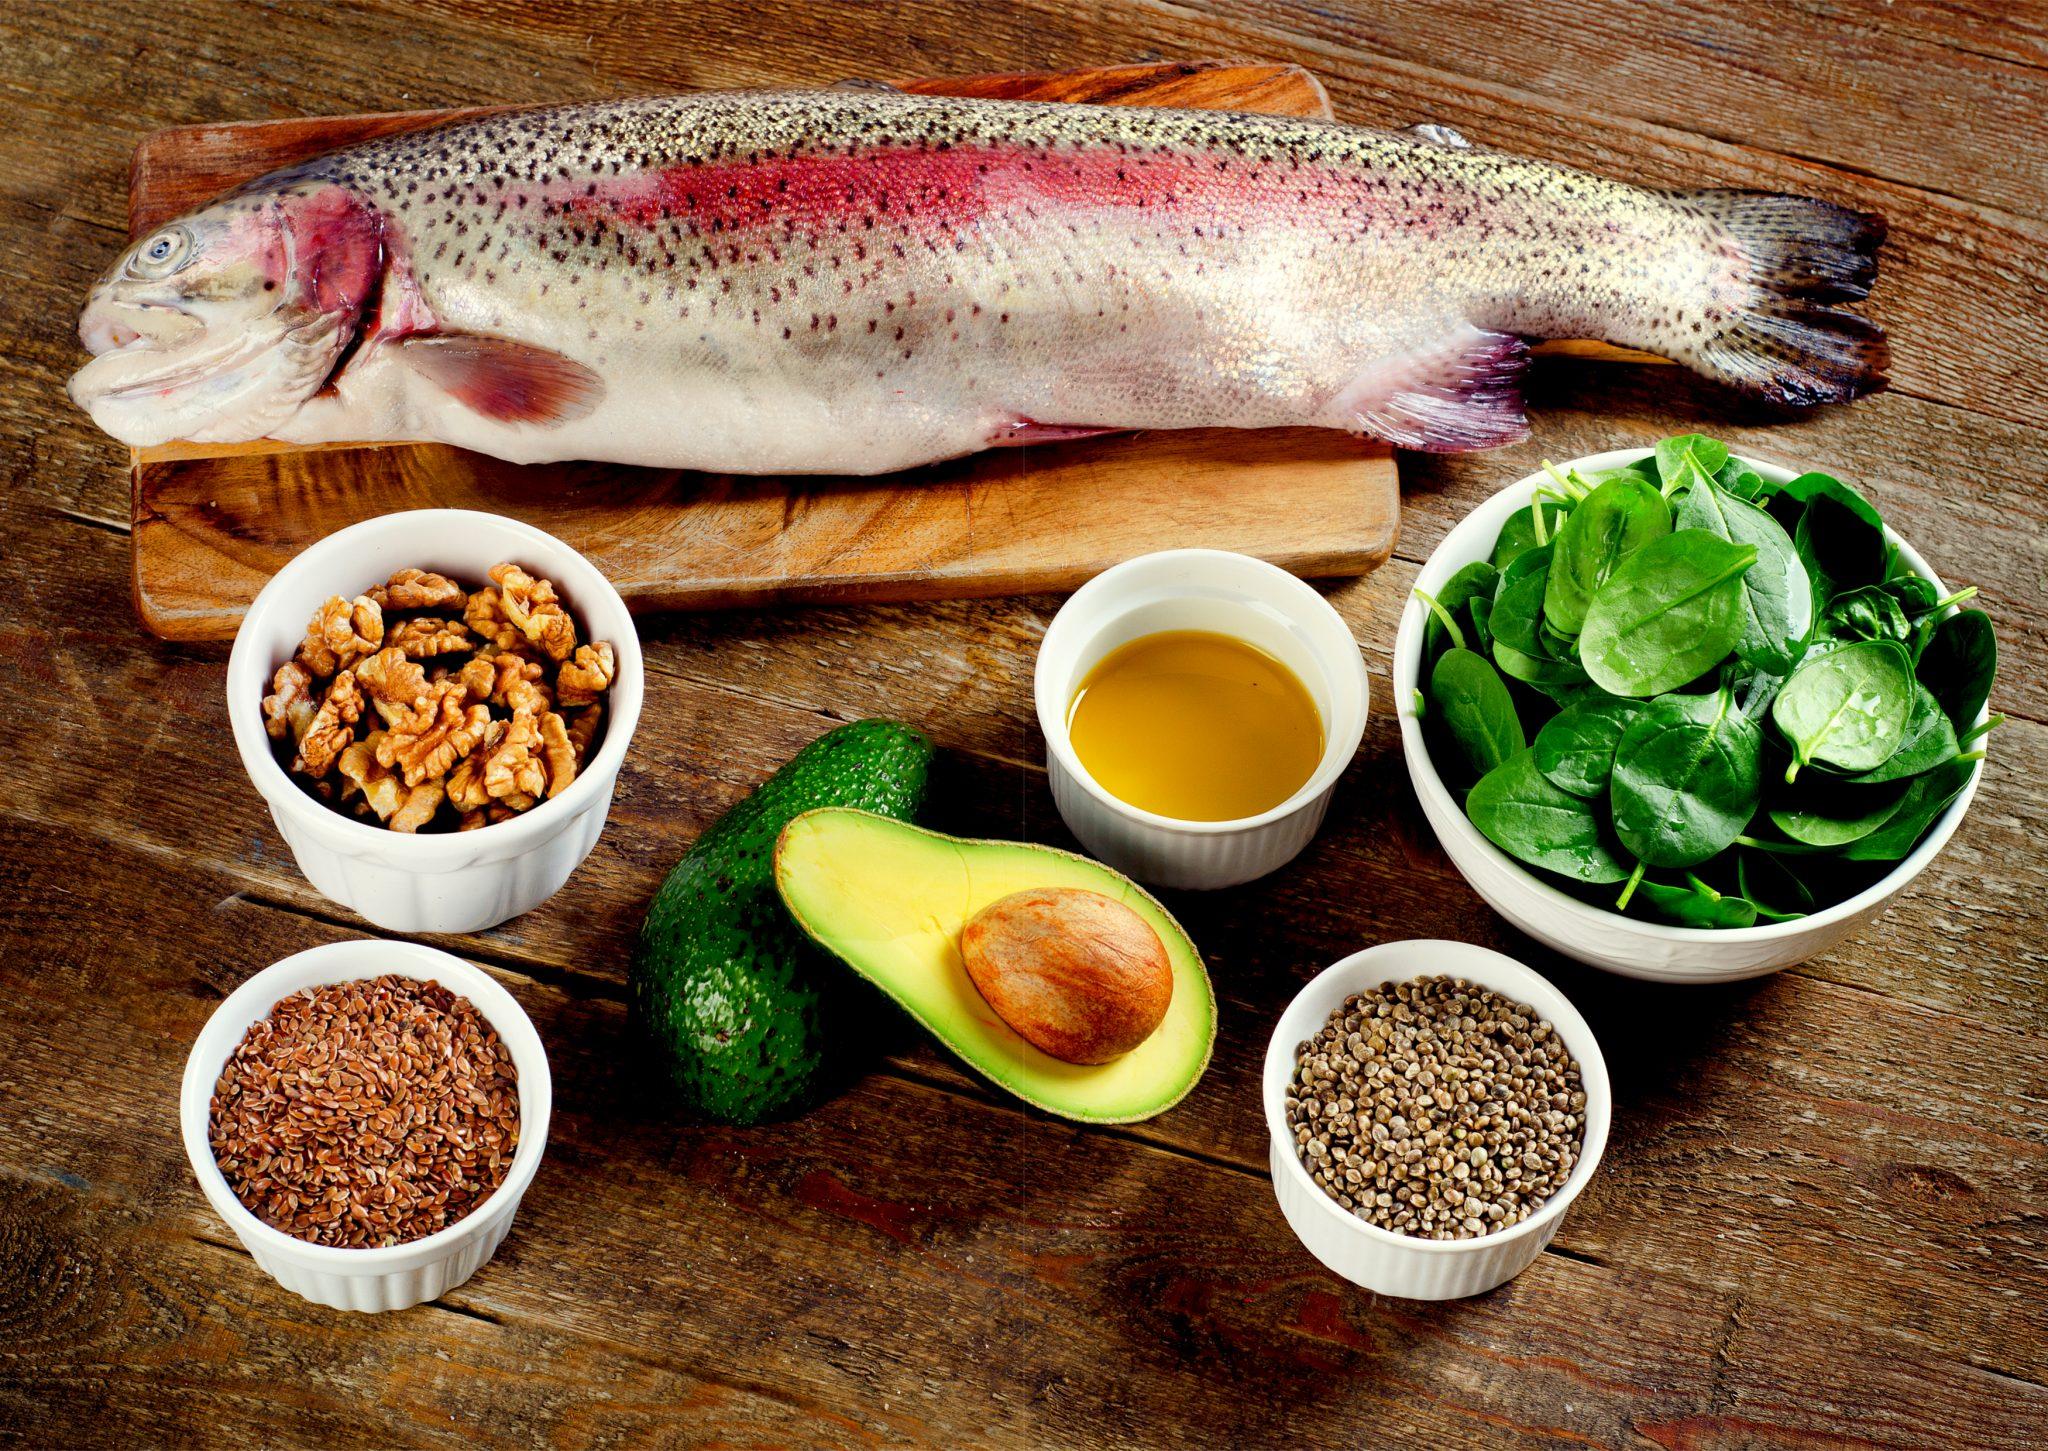 オメガ3を多く含む食品をまとめた写真